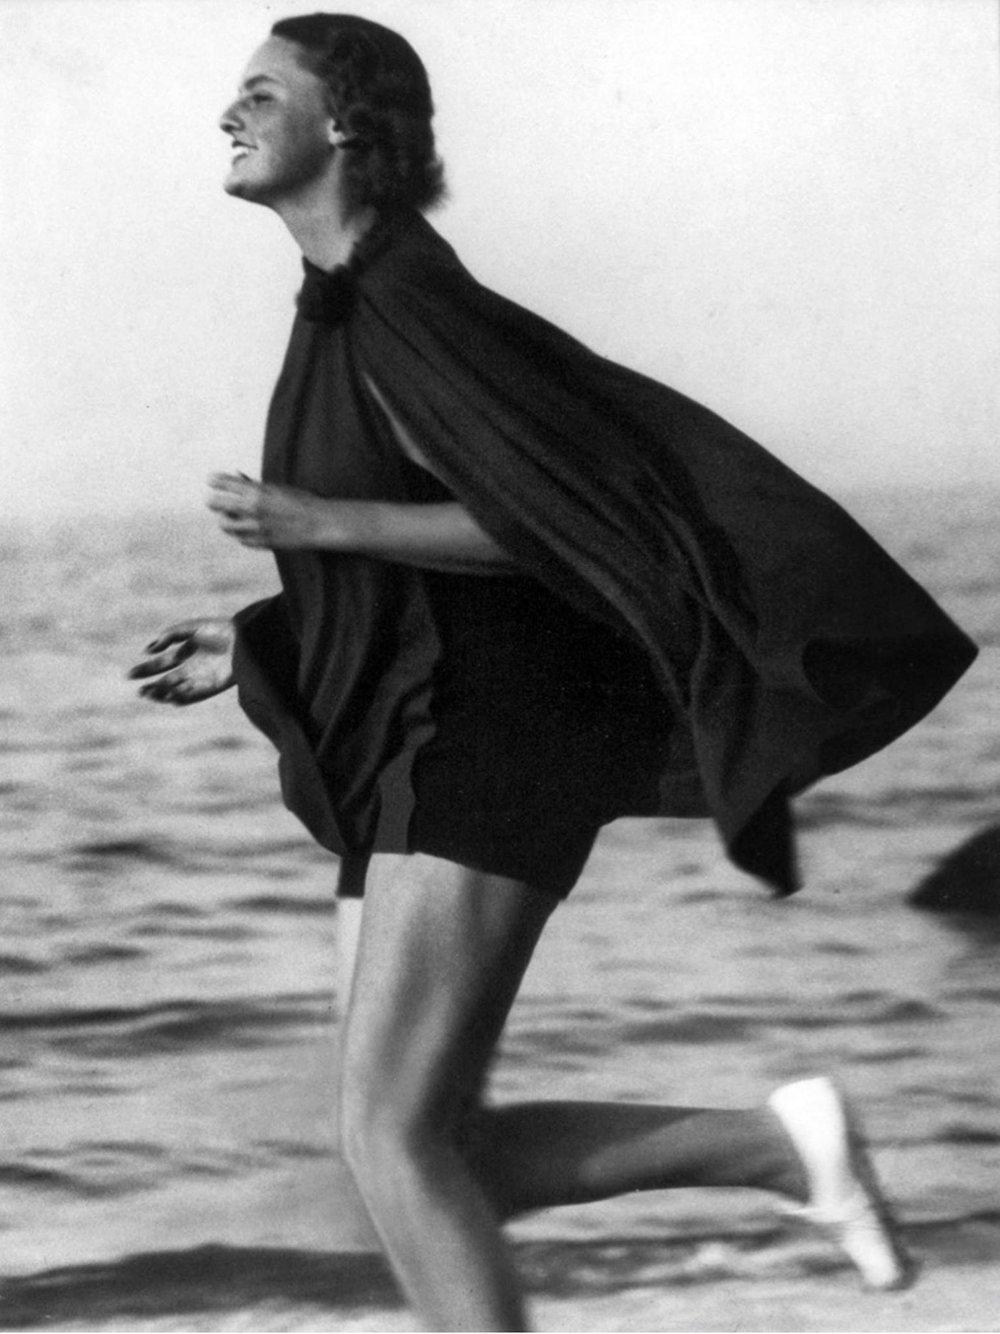 Exteriér, šport, pohyb, dynamika v roku 1933.